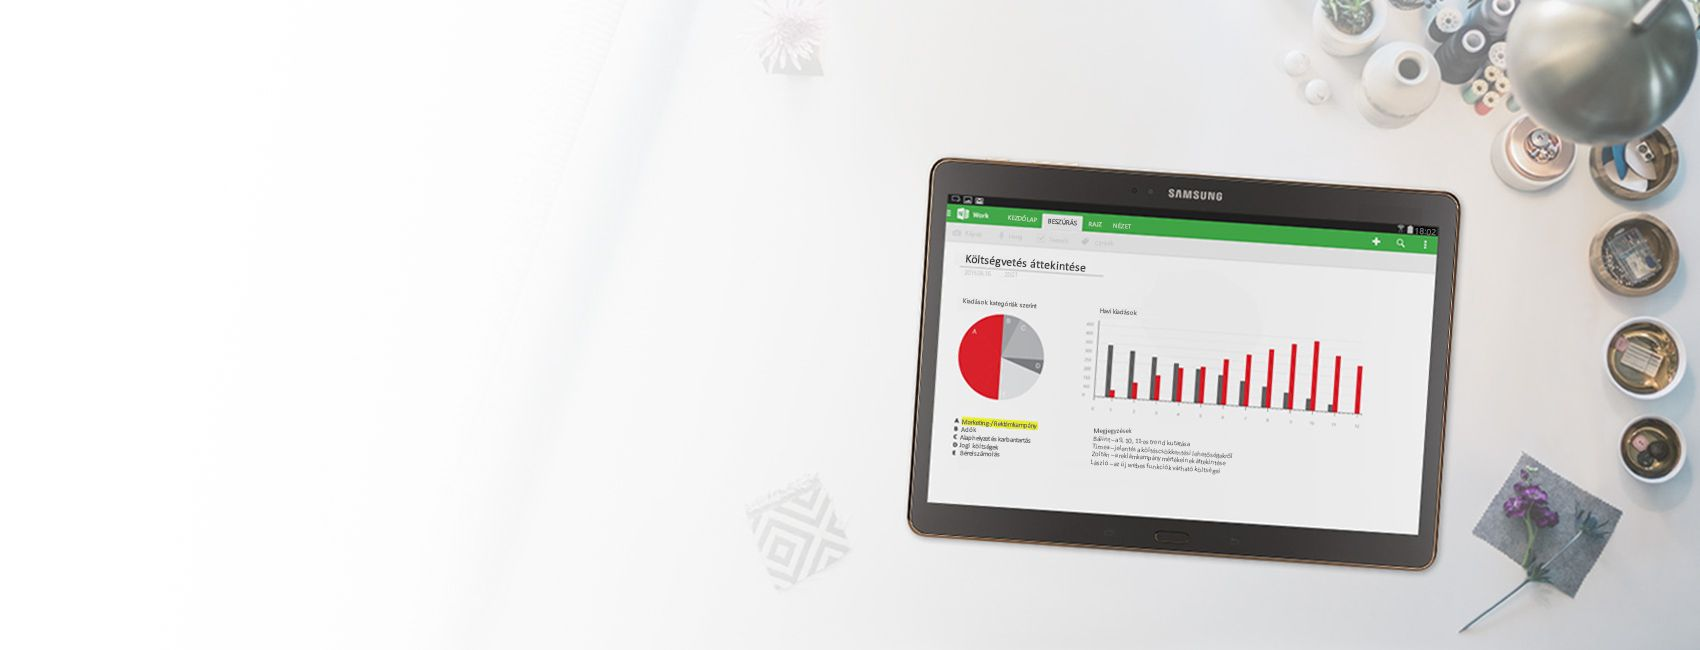 Egy táblagép, amelynek a képernyőjén költségvetési diagramok láthatók egy OneNote-jegyzetfüzetben